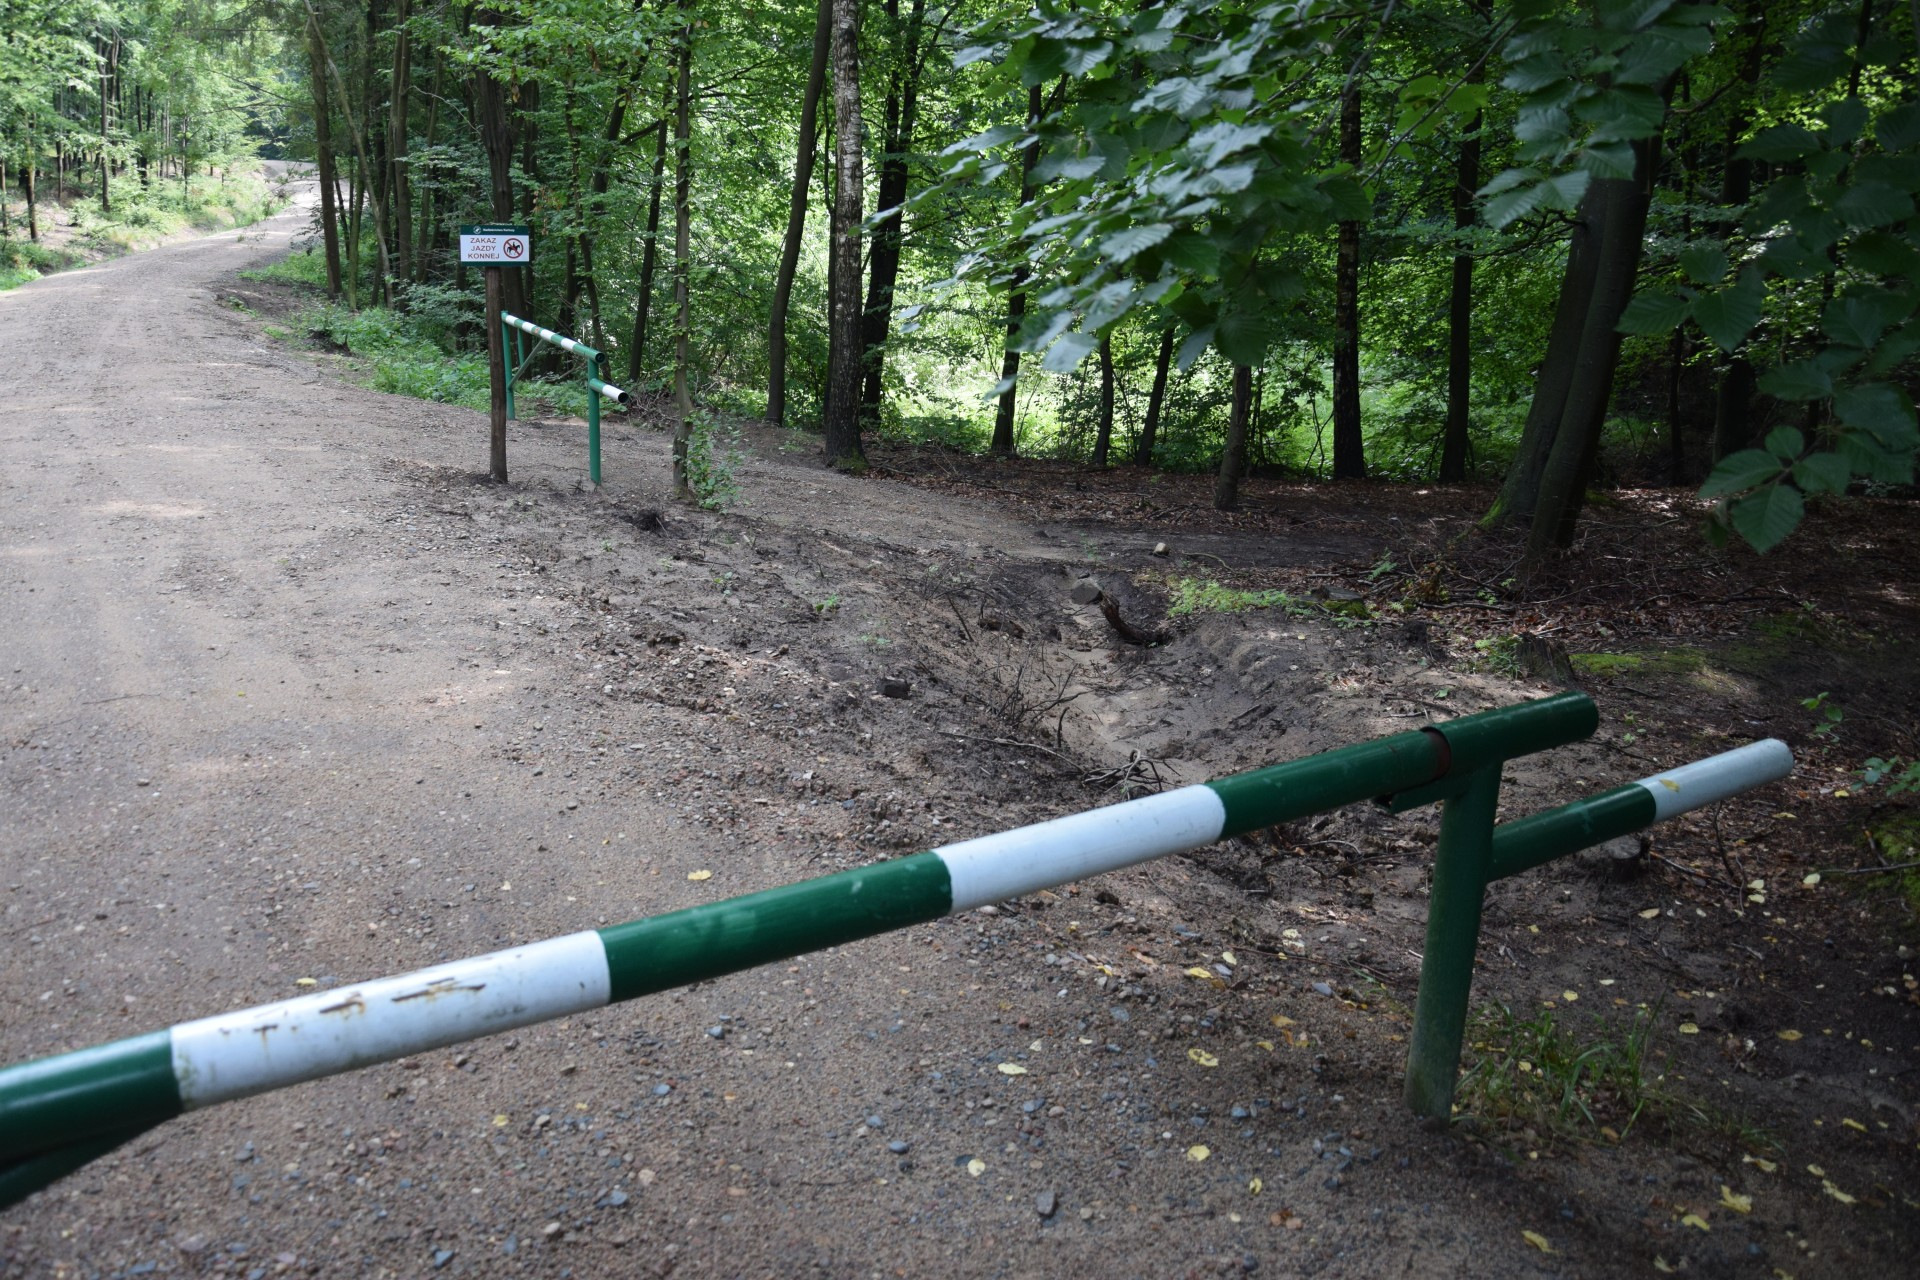 Zakaz jazdy konnej w Konnej Stolicy Polski 2